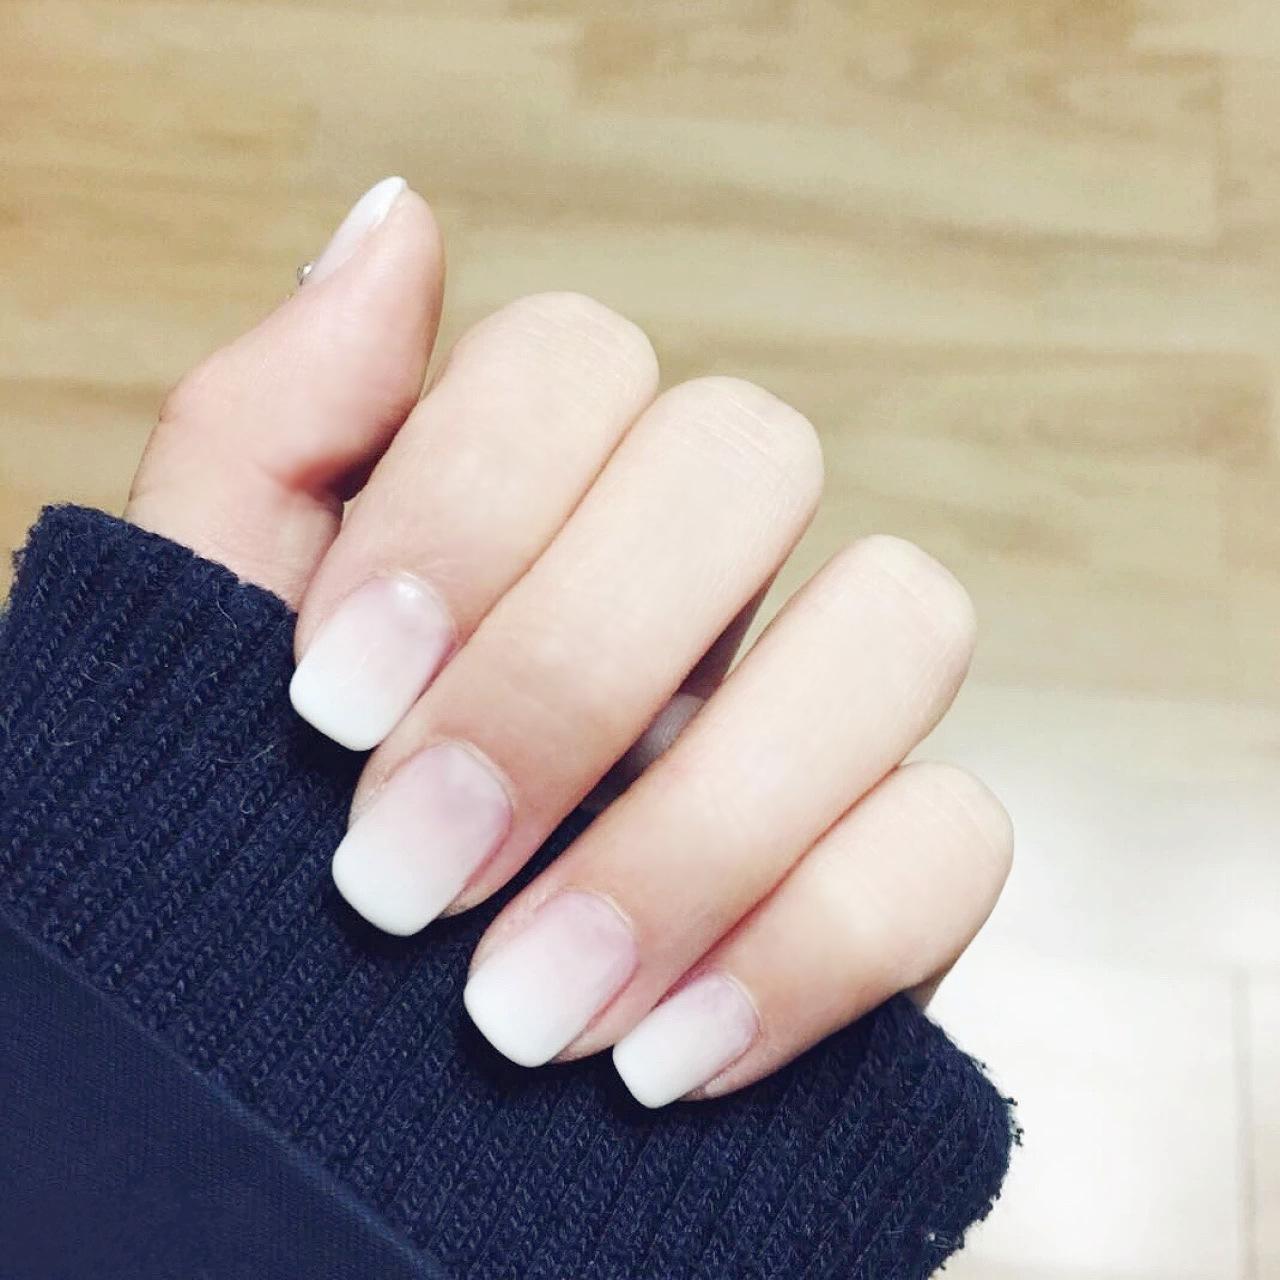 纯白色渐变中短款方头美甲成品手指甲片假指甲贴片成品24片送胶水商品图片